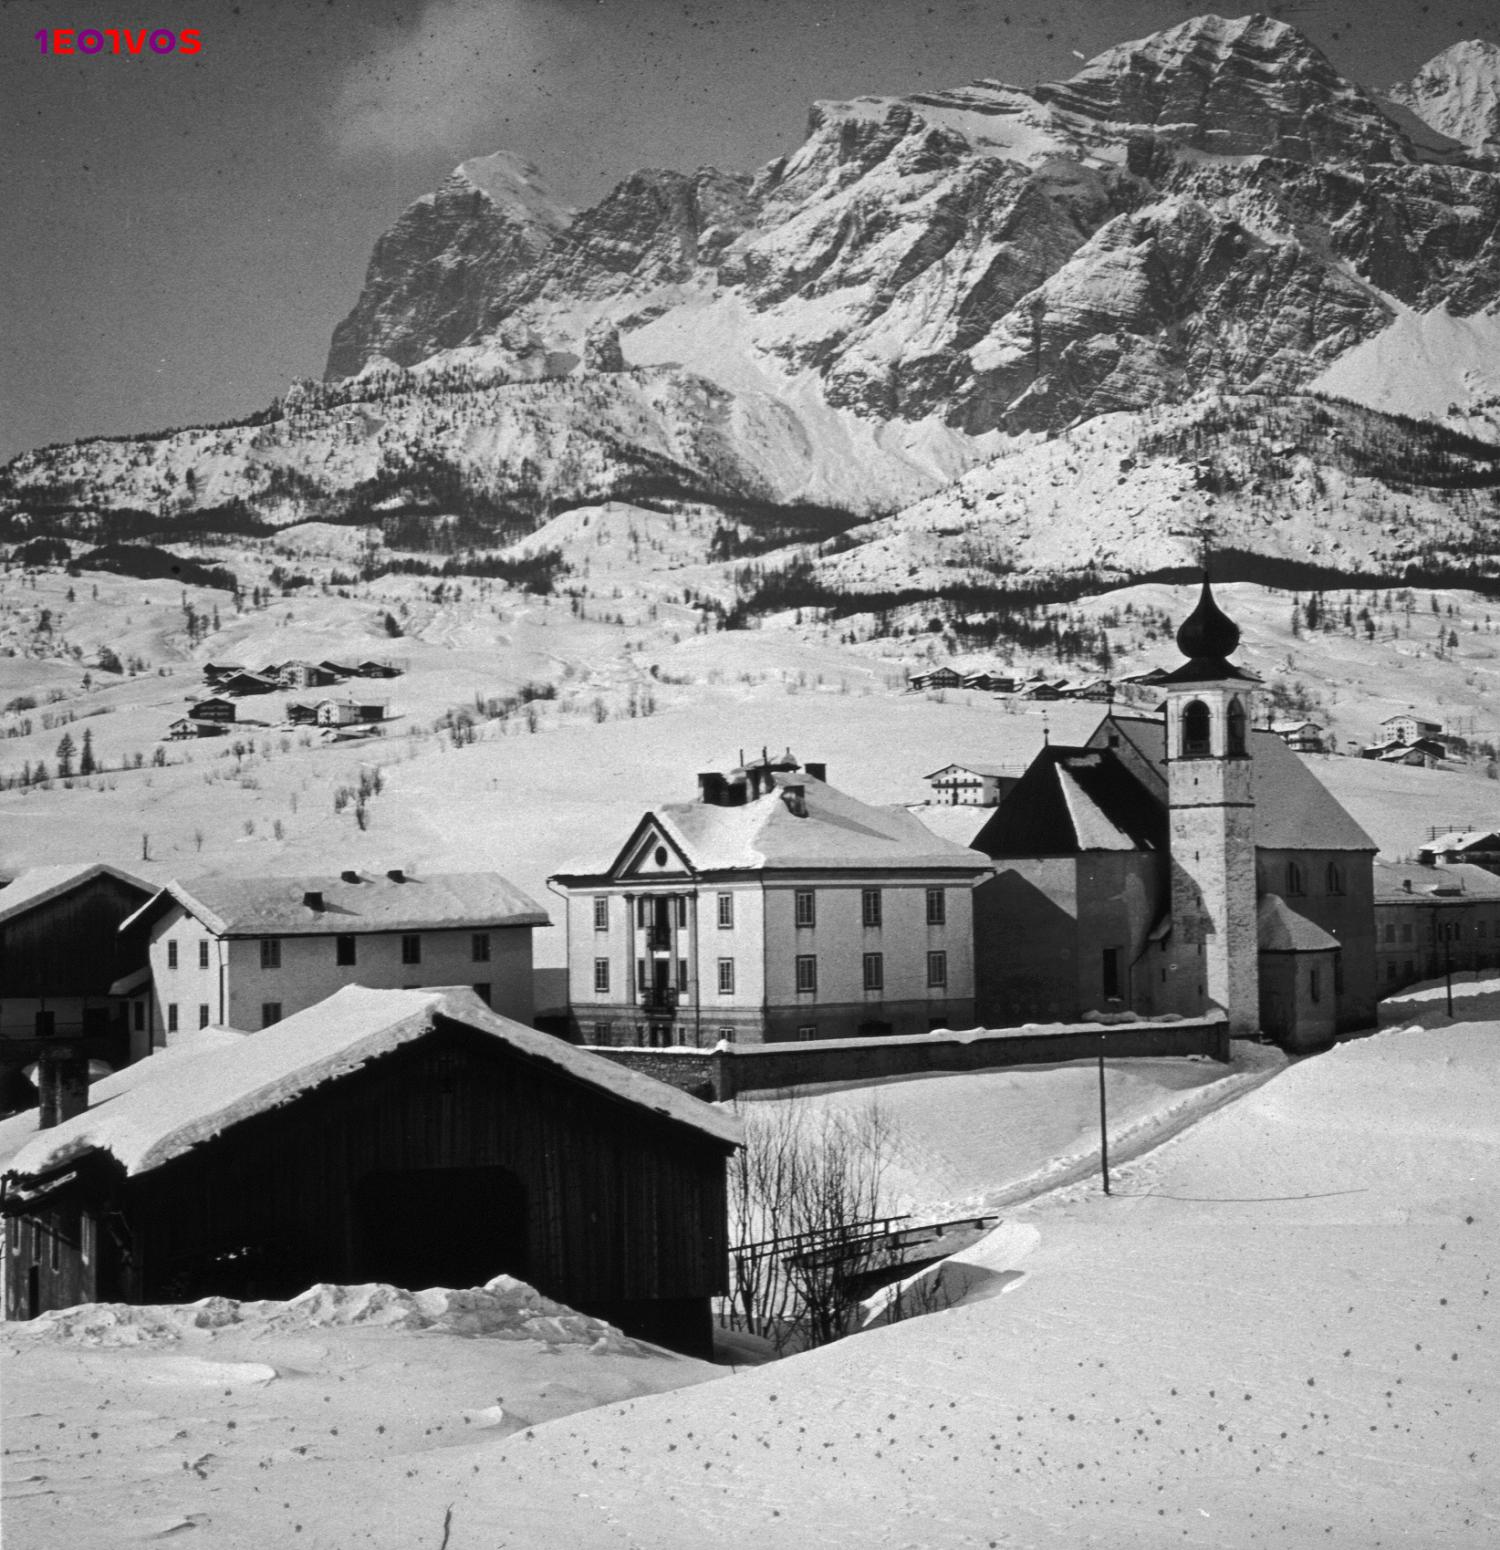 Cortina körülbelül 150 évvel ezelőtt